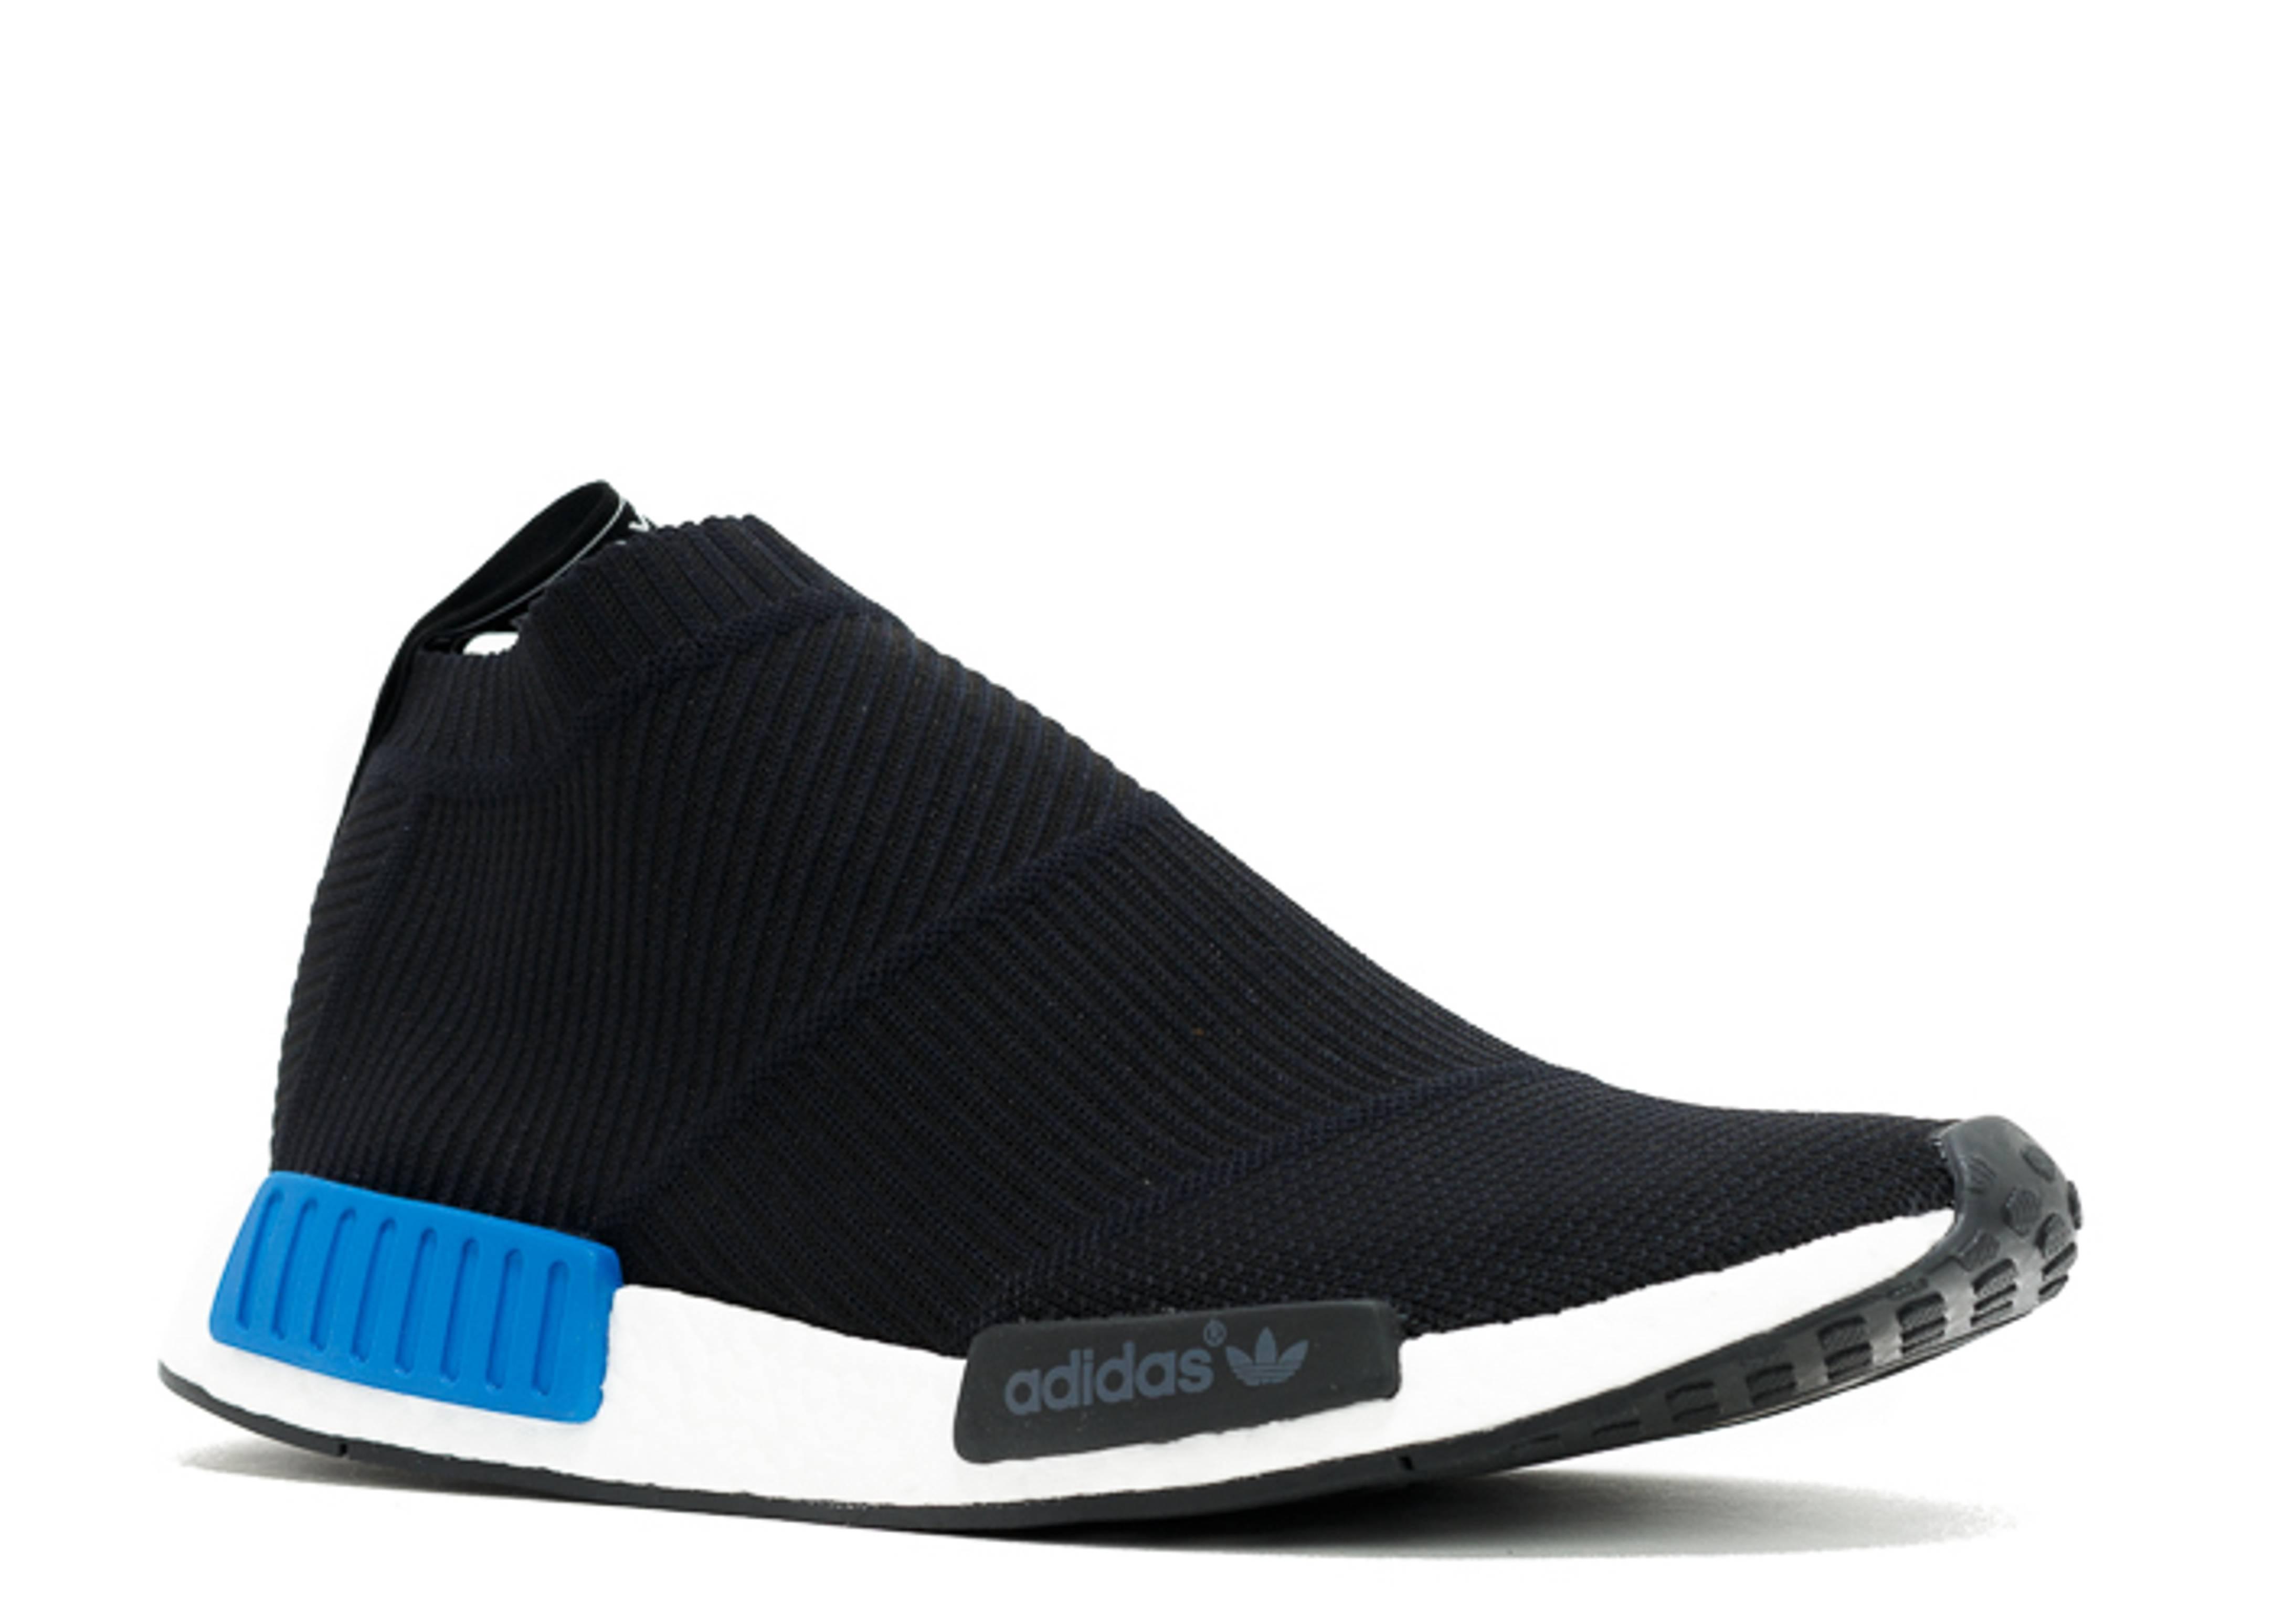 Adidas Nmd 9/9/16